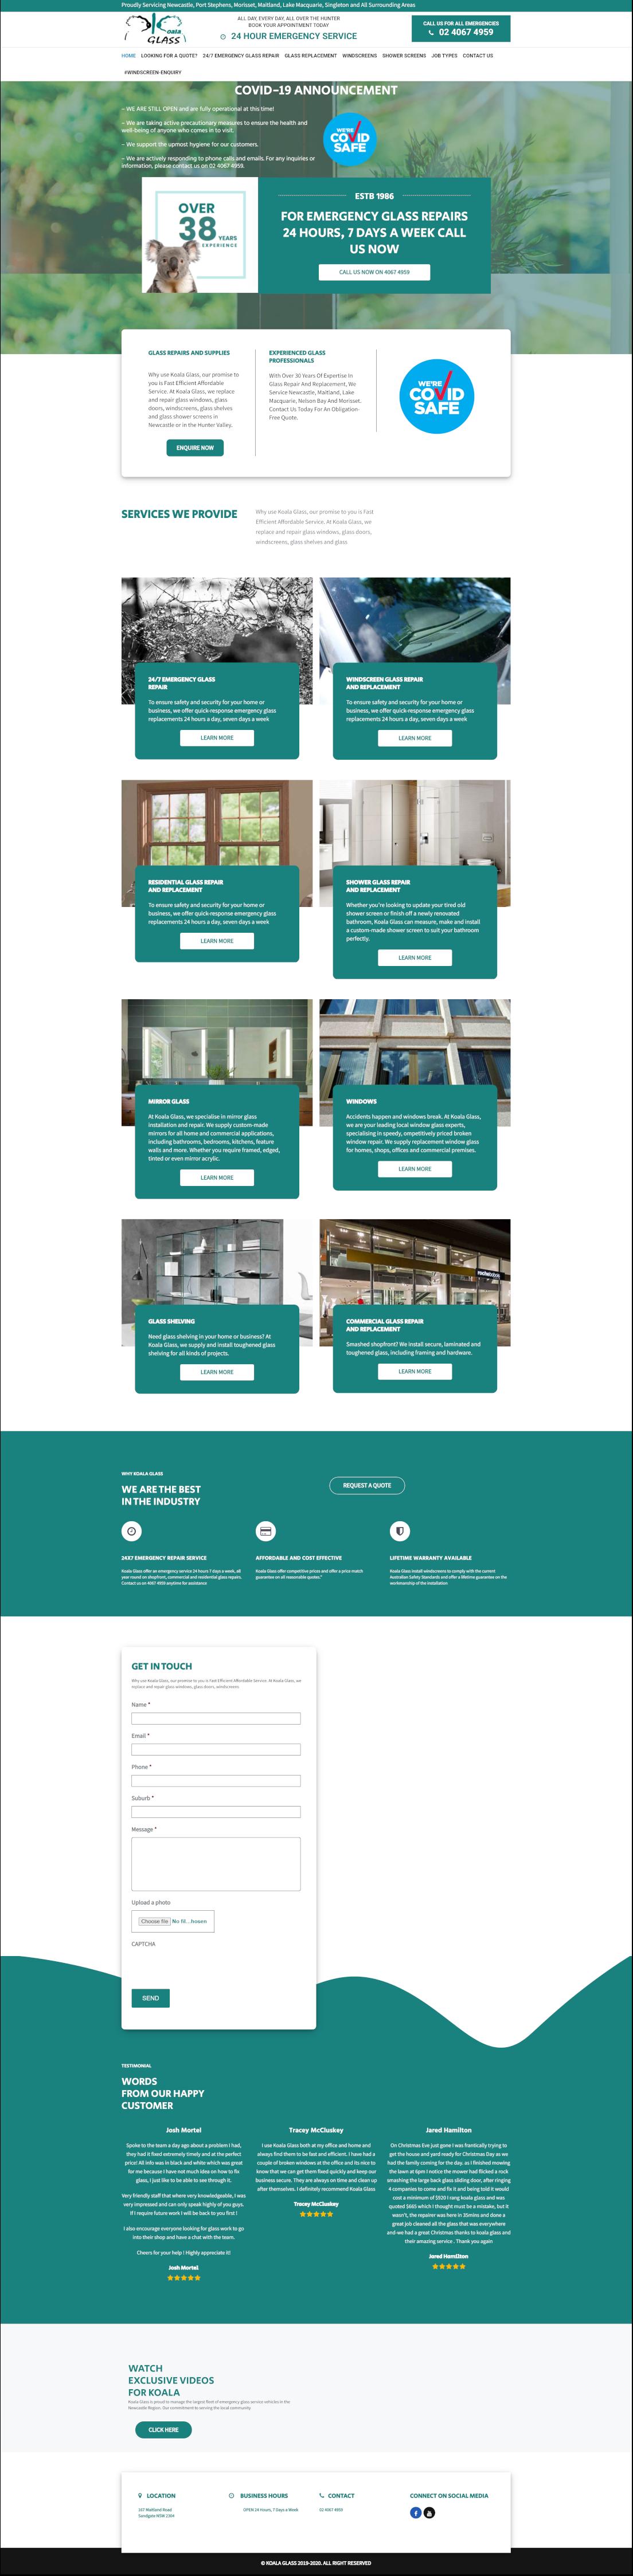 koalaglass full homepage